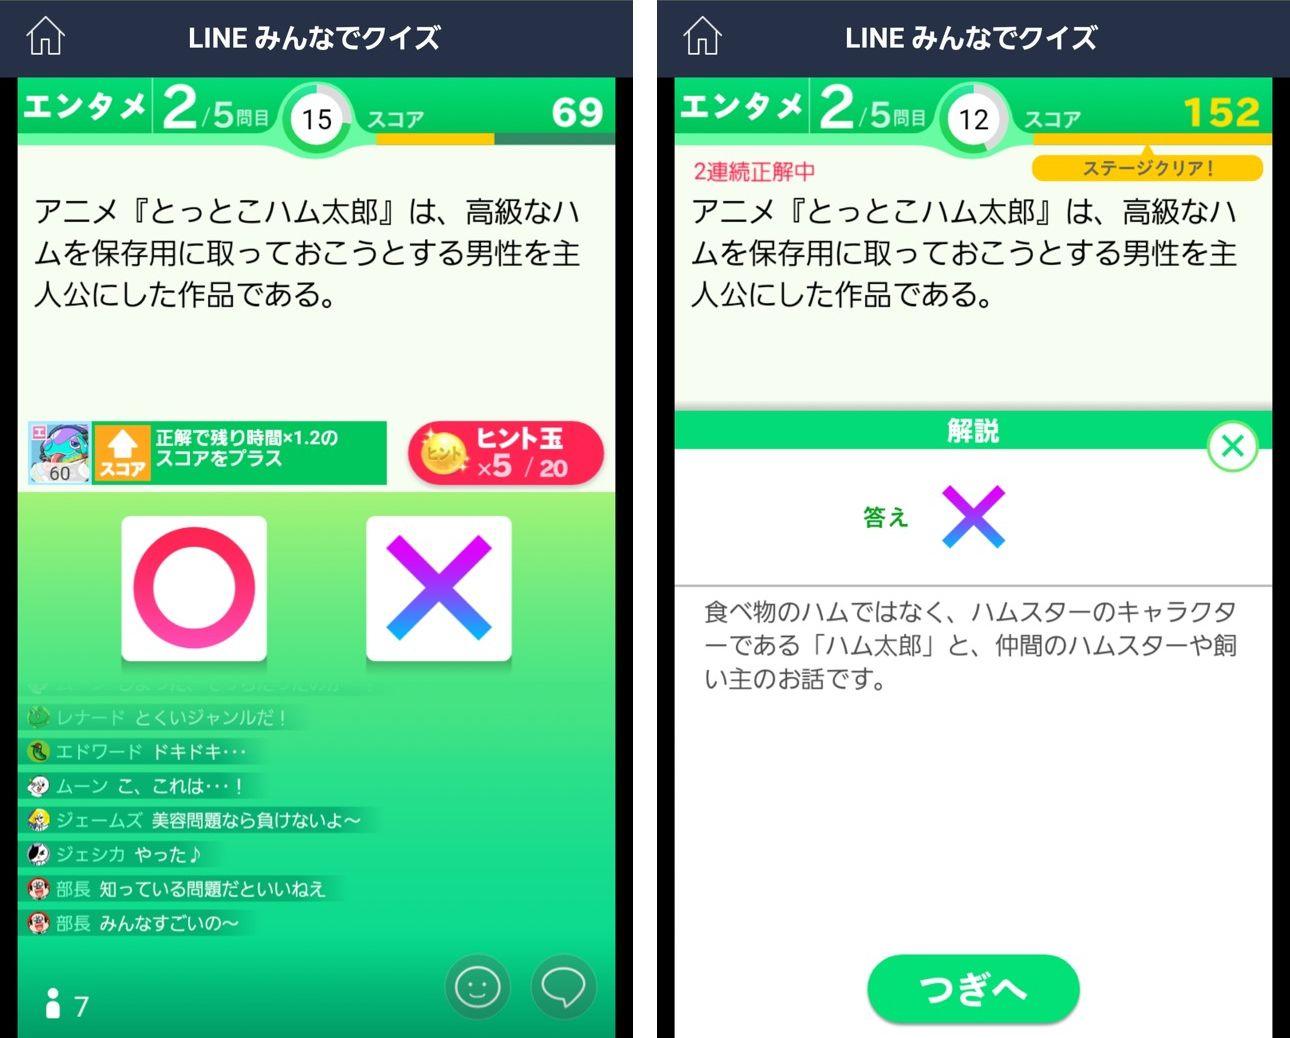 『にゃんこ』や『釣り★スタ』も!「LINE QUICK GAME」で今プレイできるゲームまとめ【ゲームレビュー】